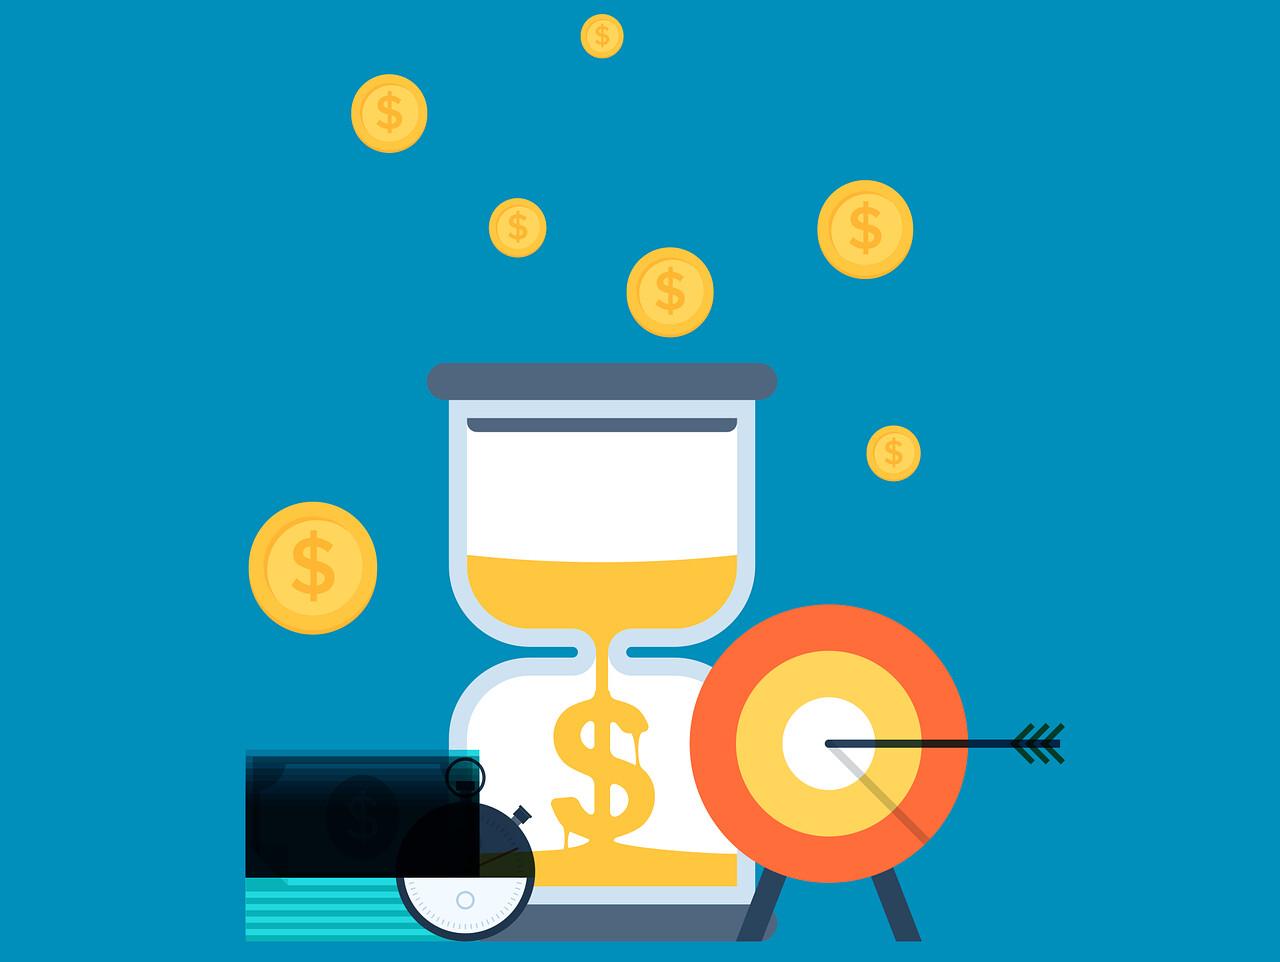 Pozycjonowanie RedCart ma na celu zwiększenie zysków sklepu internetowego